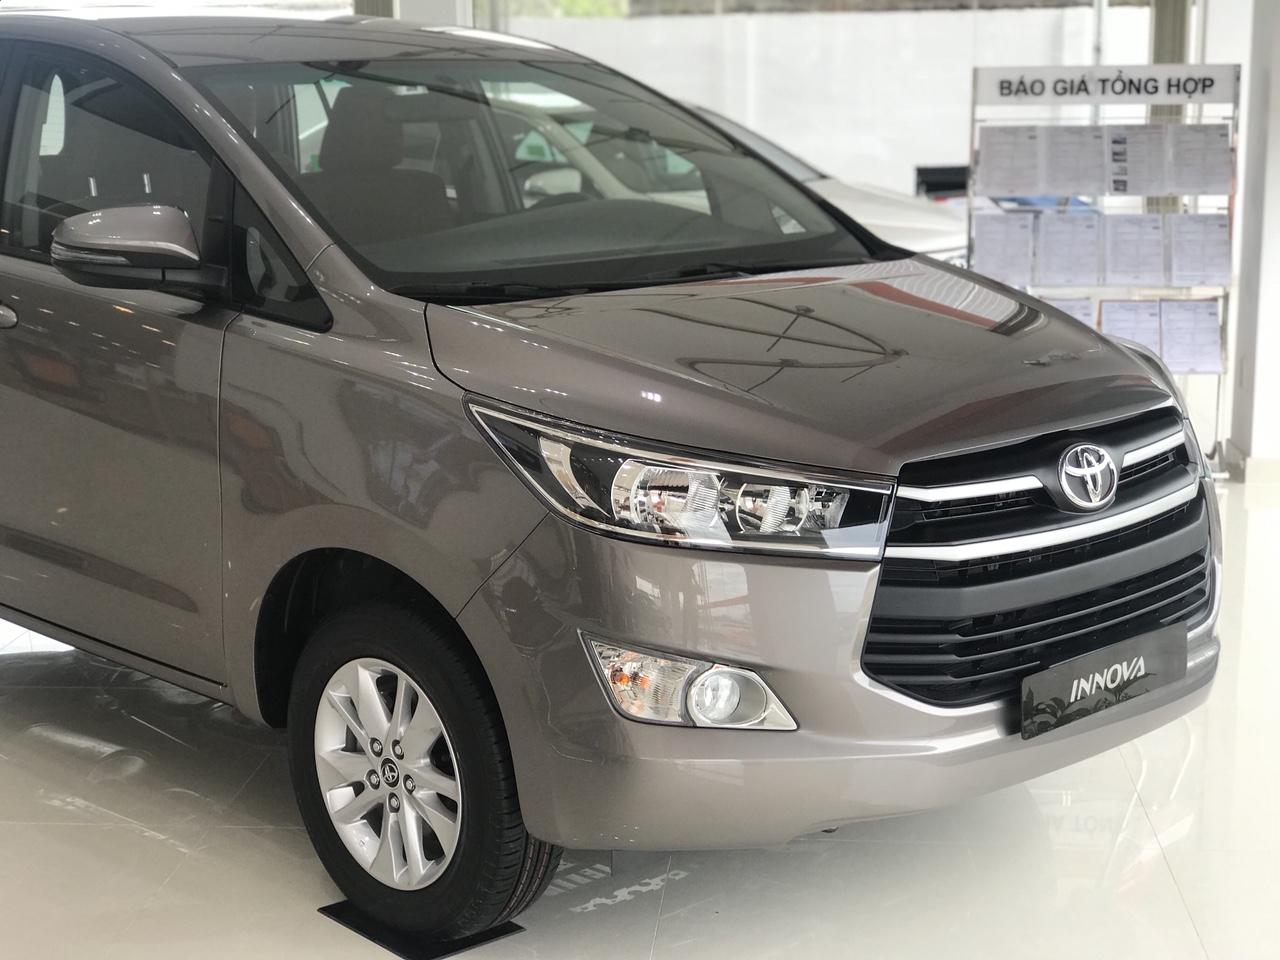 Toyota An Thành Bình Chánh Khuyến Mãi Toyota Innova 2019, Xe Có Sẳn, Đủ Màu, Giao Ngay